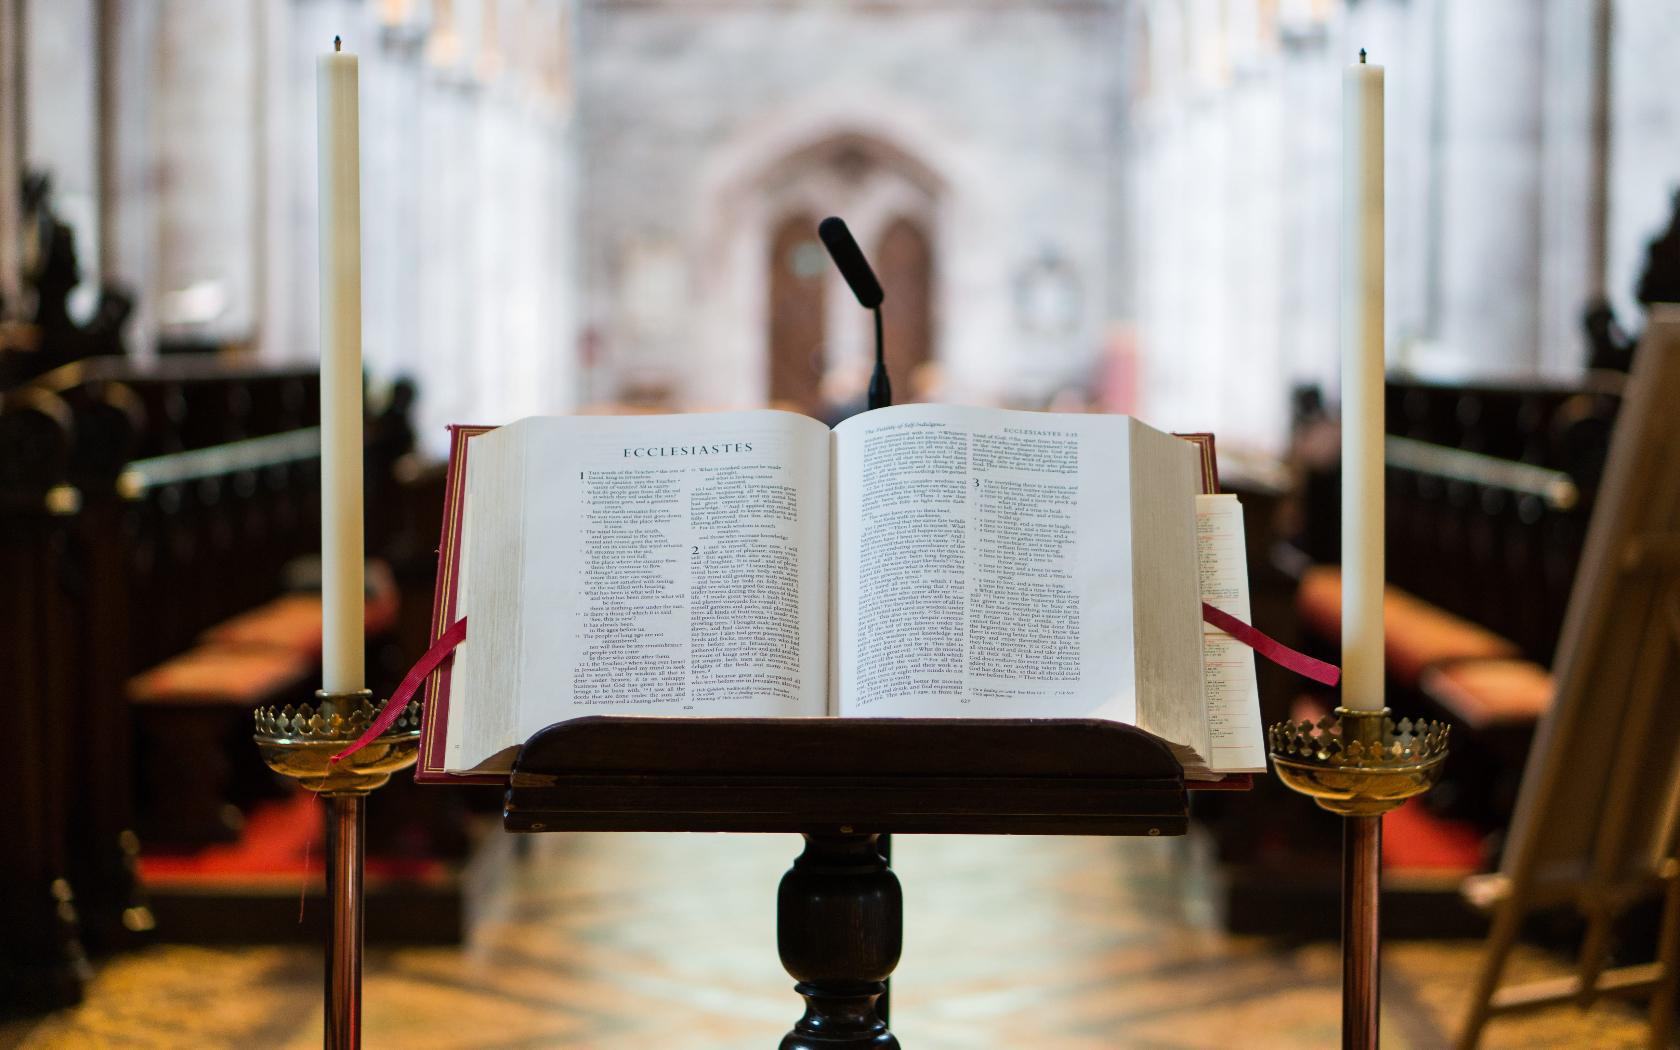 aria lieu prise de parole discours enterrement eglise messe enterrement